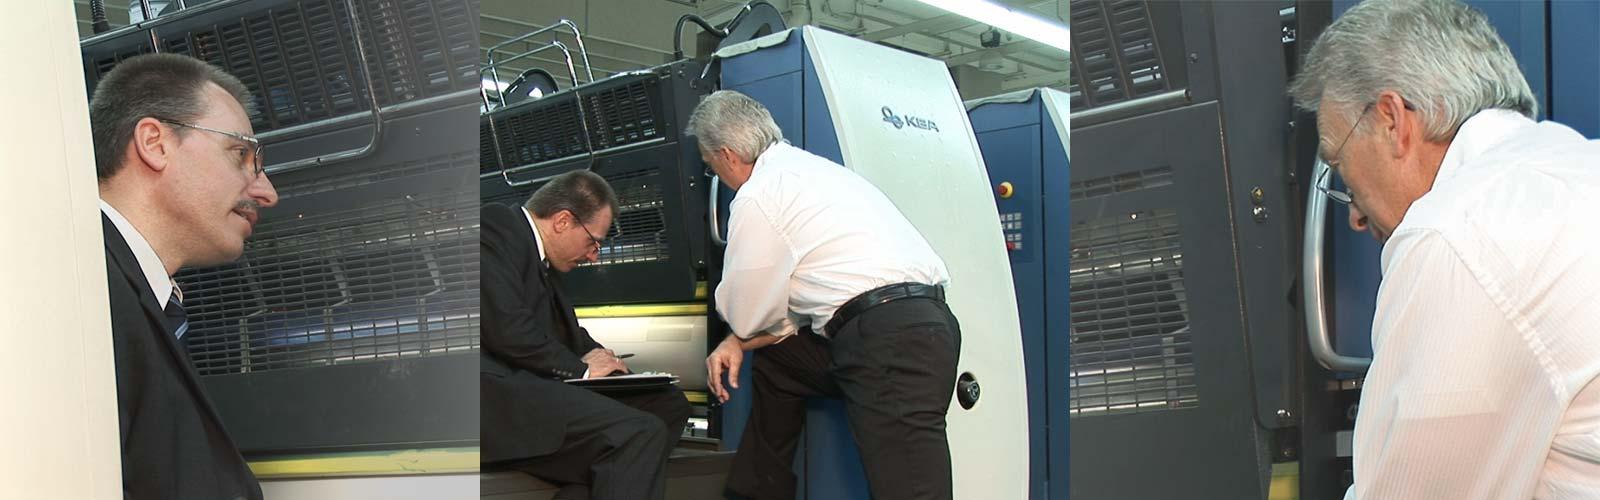 BIRKAN-Techniker an Bogenoffset-Druckmaschine